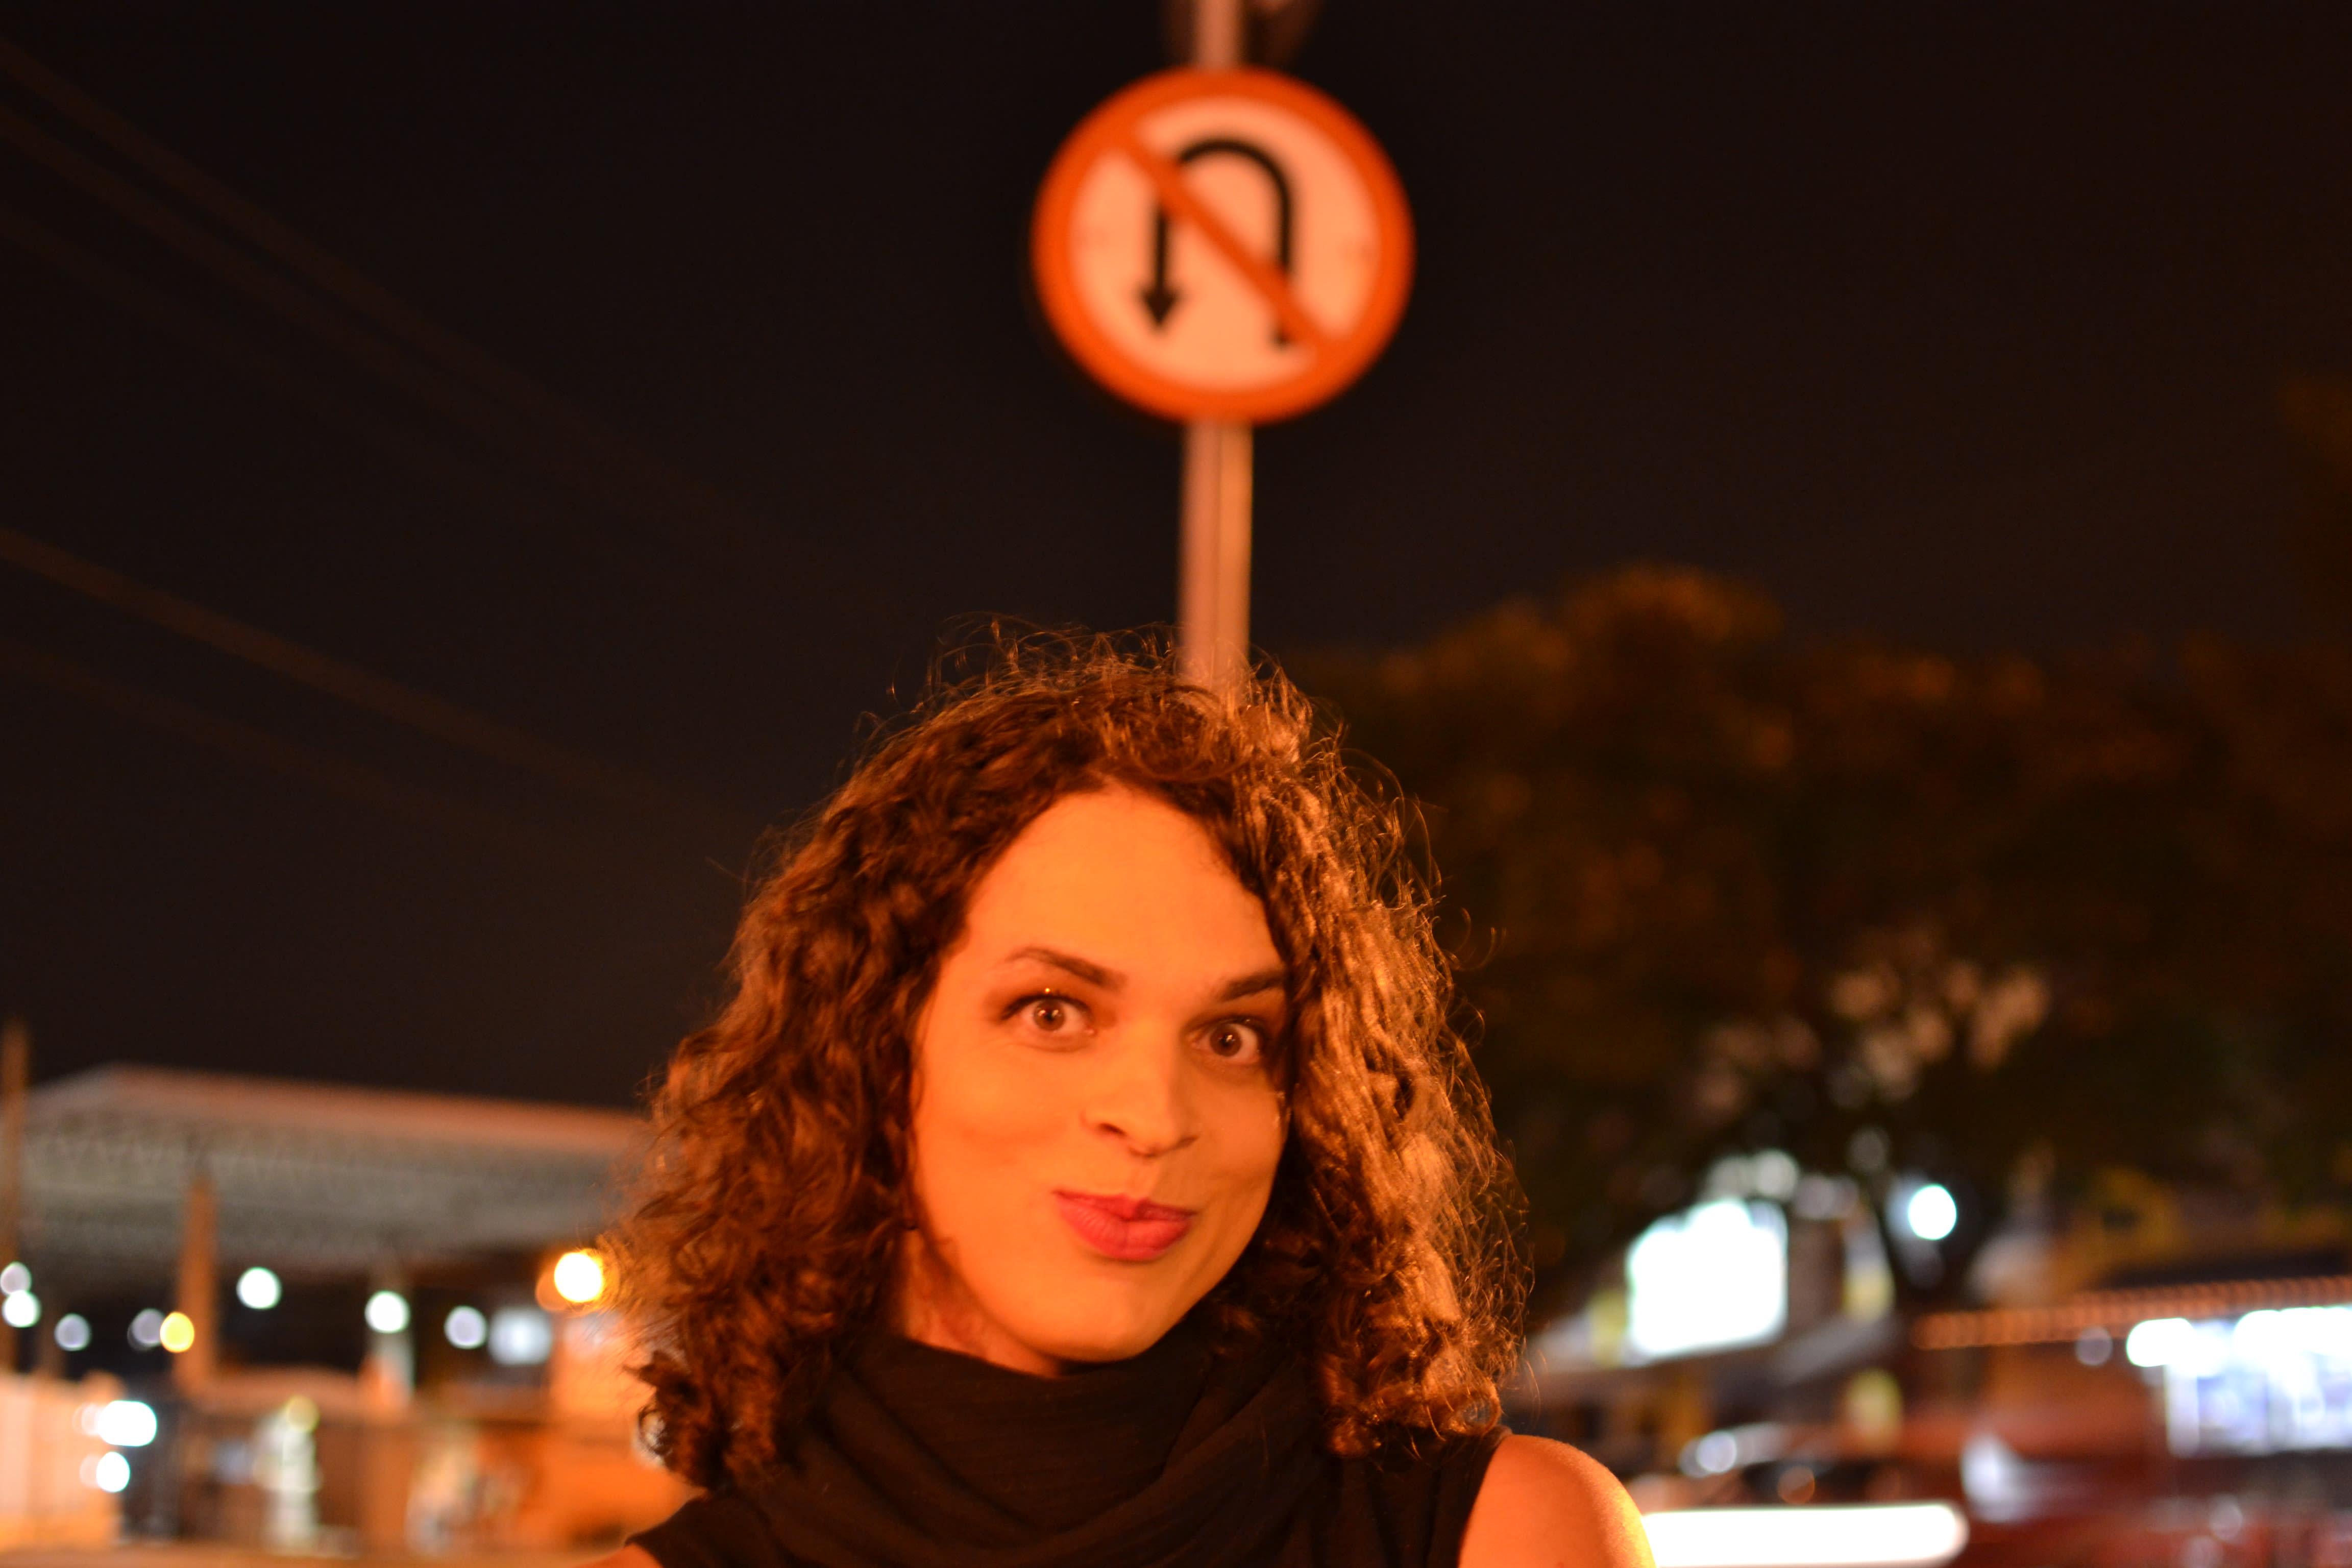 Foto de Amara Moira. Ela está de frente, tem cabelos soltos até os ombros e sorri. Ela está na rua, diante de uma placa de sinalização de trânsito.